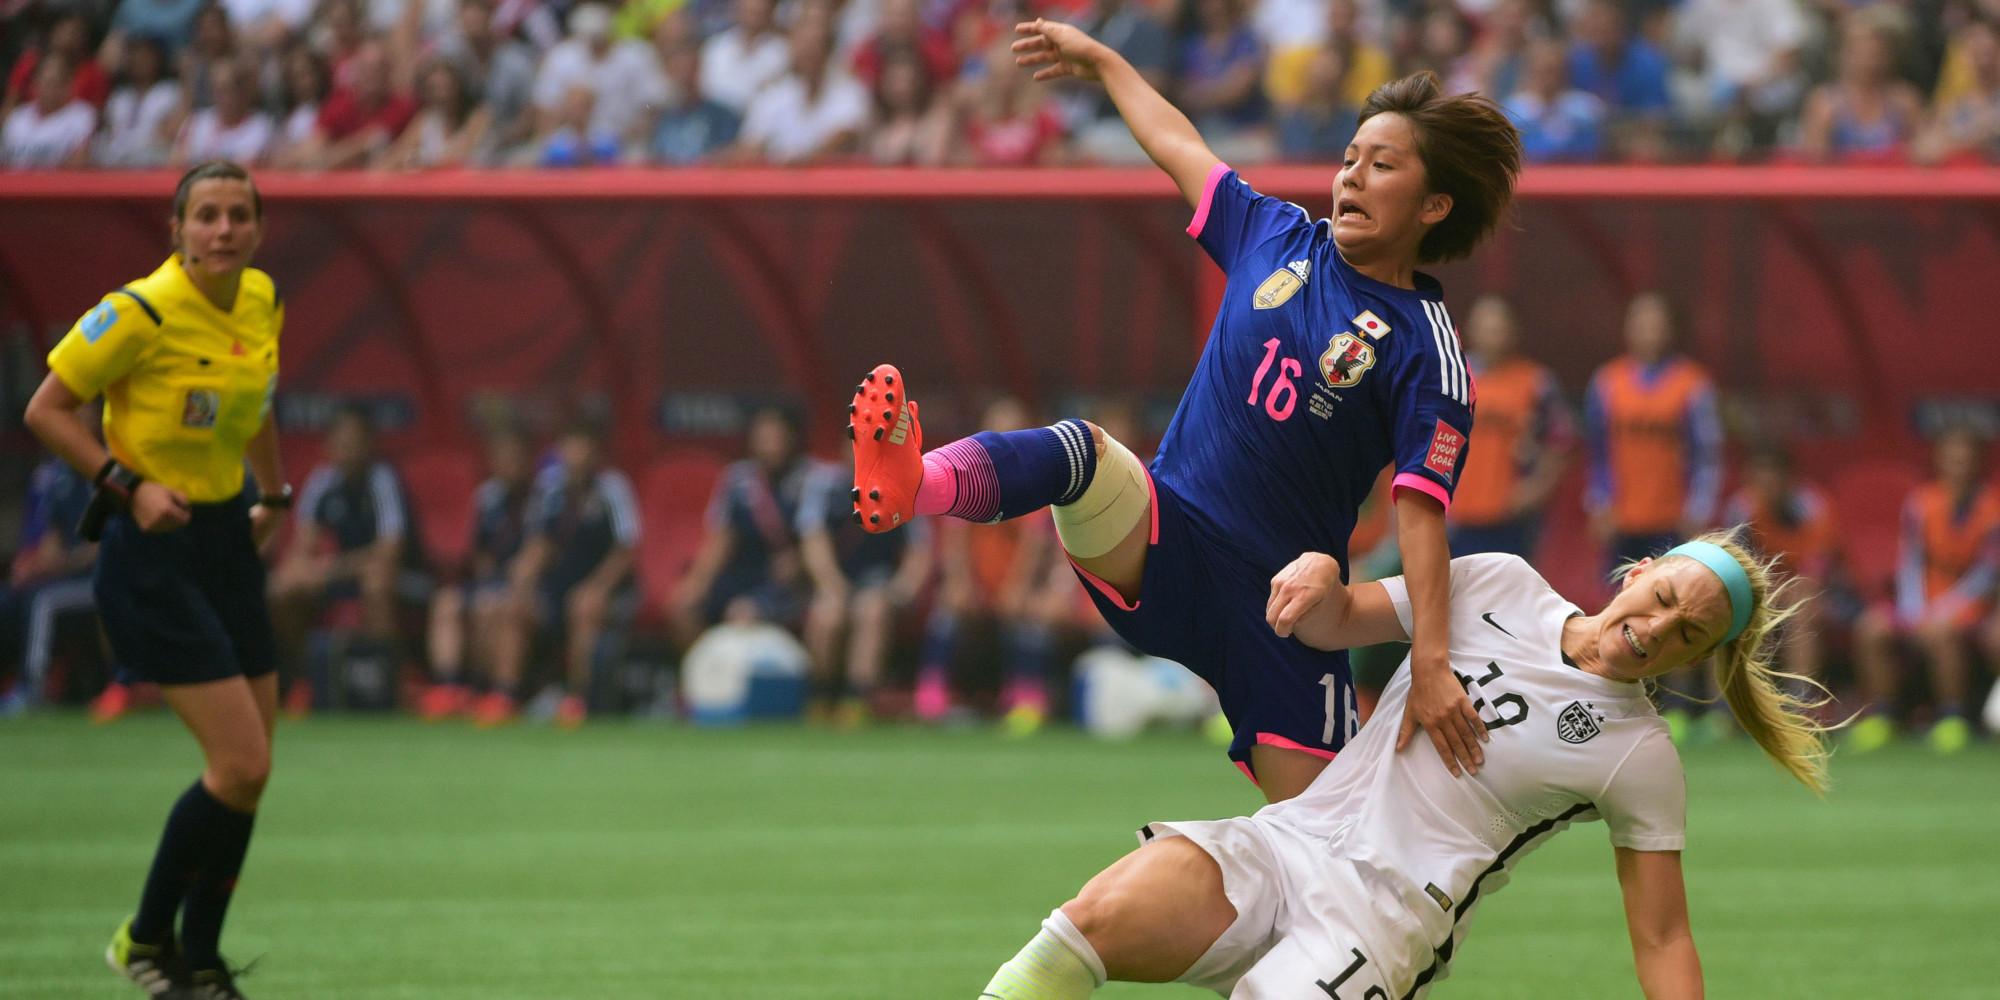 Coupe du monde de football f minin 2015 le r sum et les buts de la victoire des tats unis sur - Coupe europe foot feminin ...